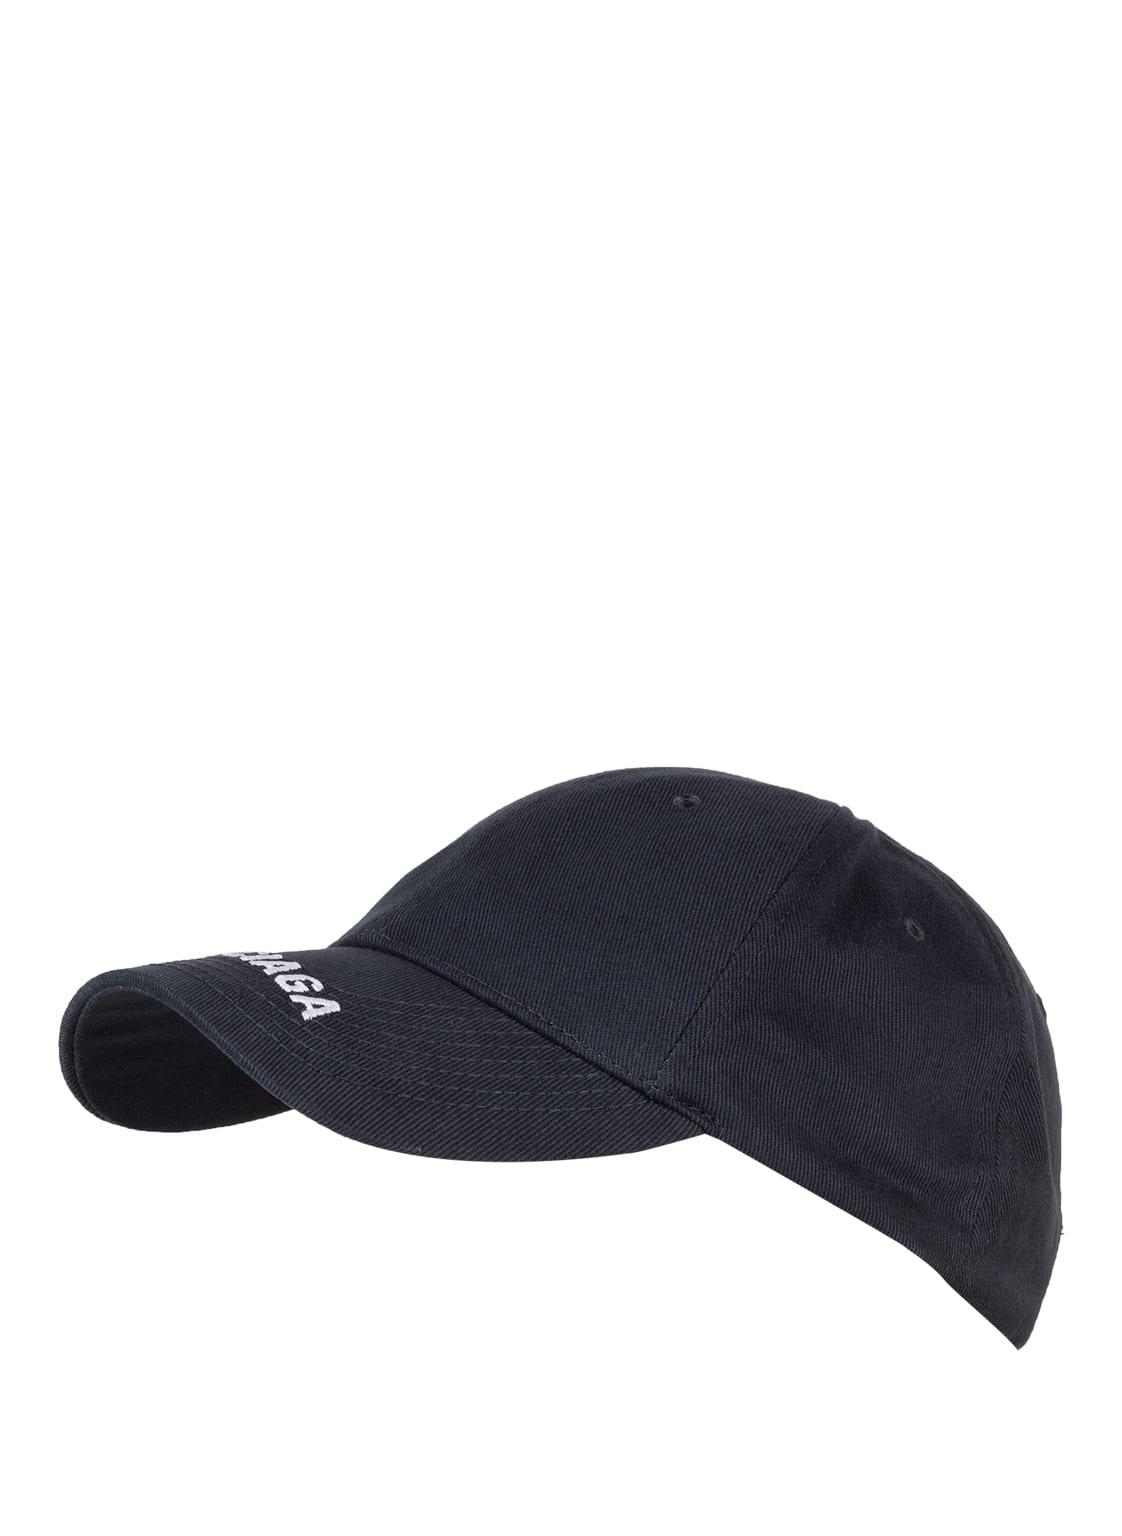 Image of Balenciaga Cap schwarz